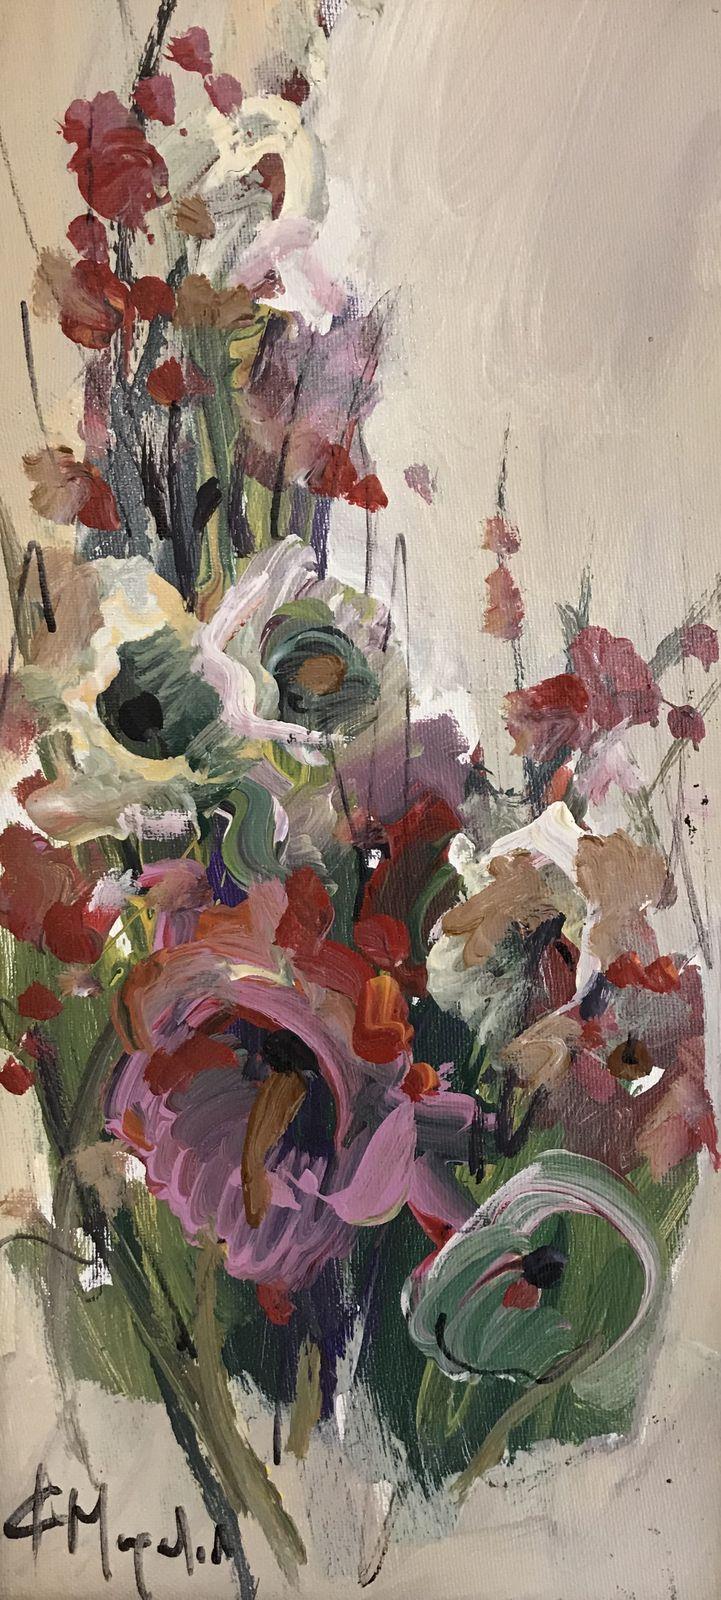 Φώφη Μουρατίδου 20×40 εκ. Ακρυλικά σε καμβά Fofi Mouratidou 20×40 cm Acrylics on canvas